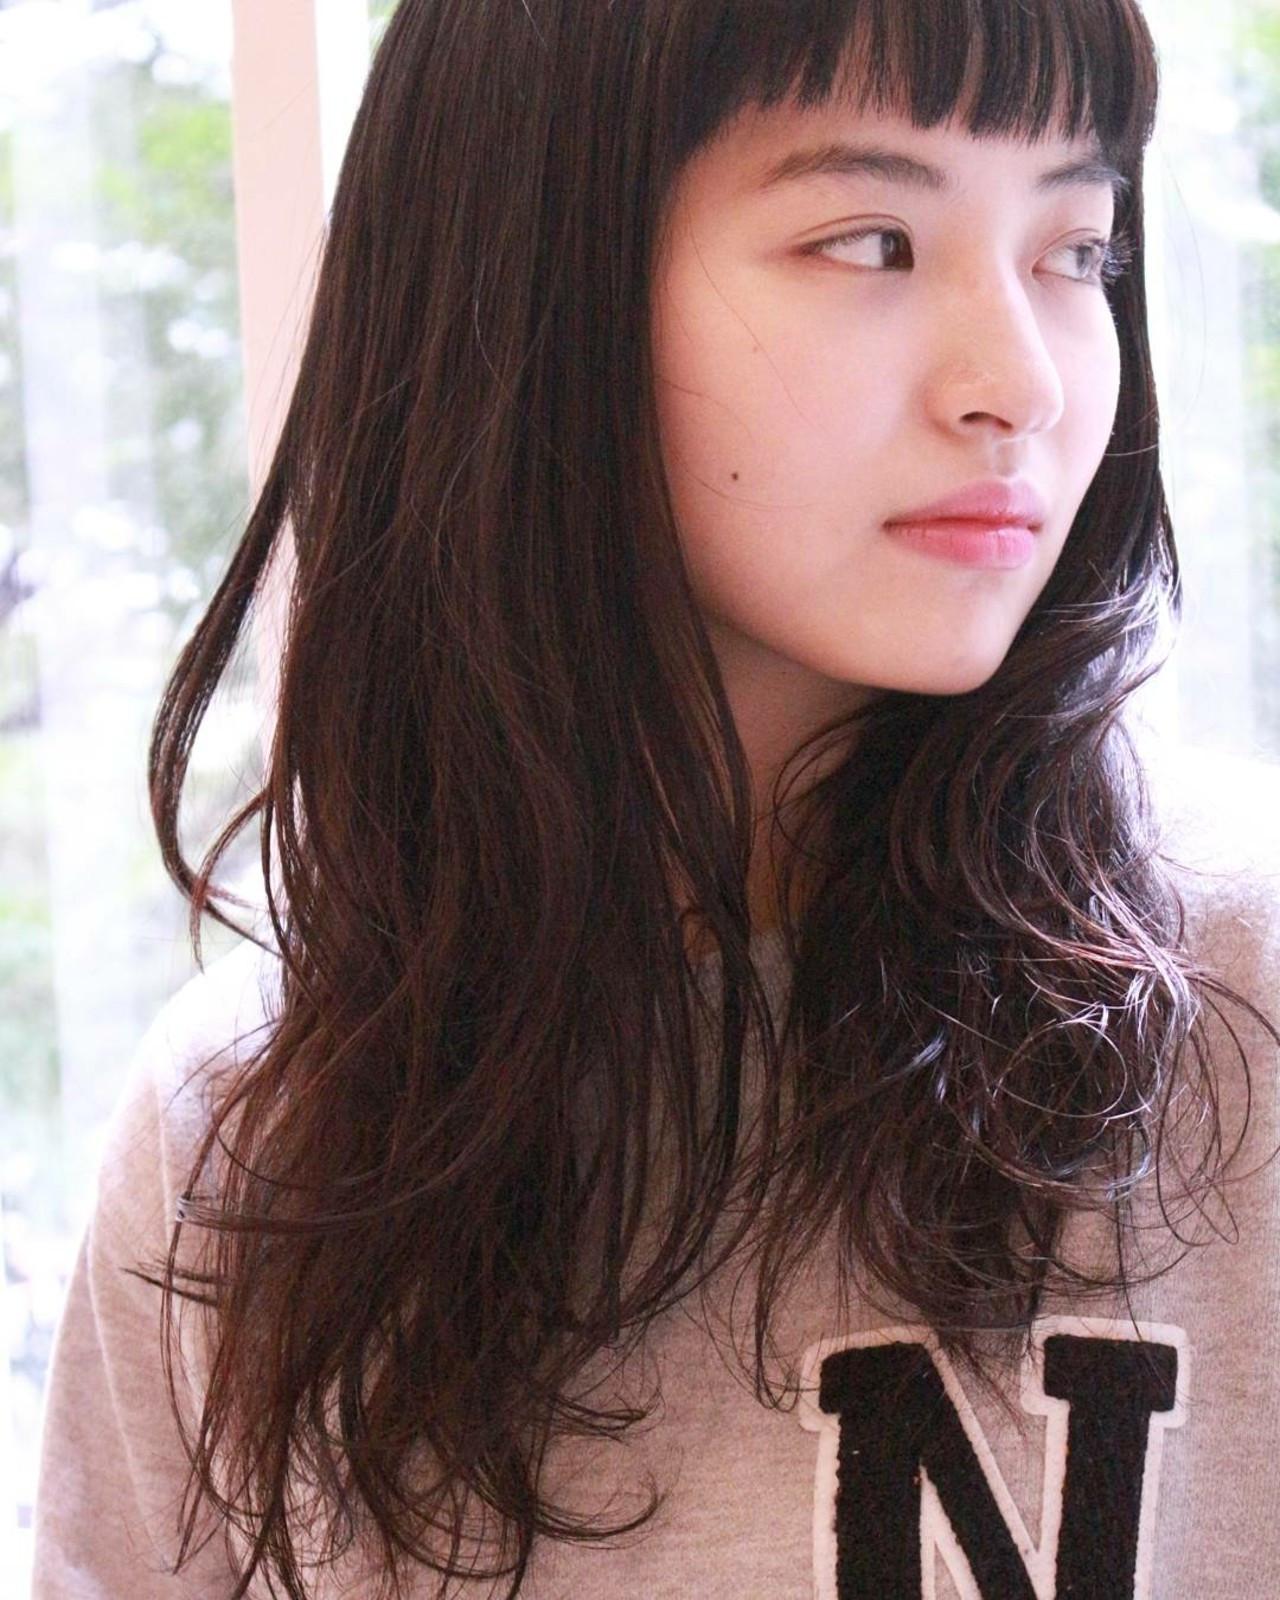 黒髪 セミロング パーマ ショートバング ヘアスタイルや髪型の写真・画像